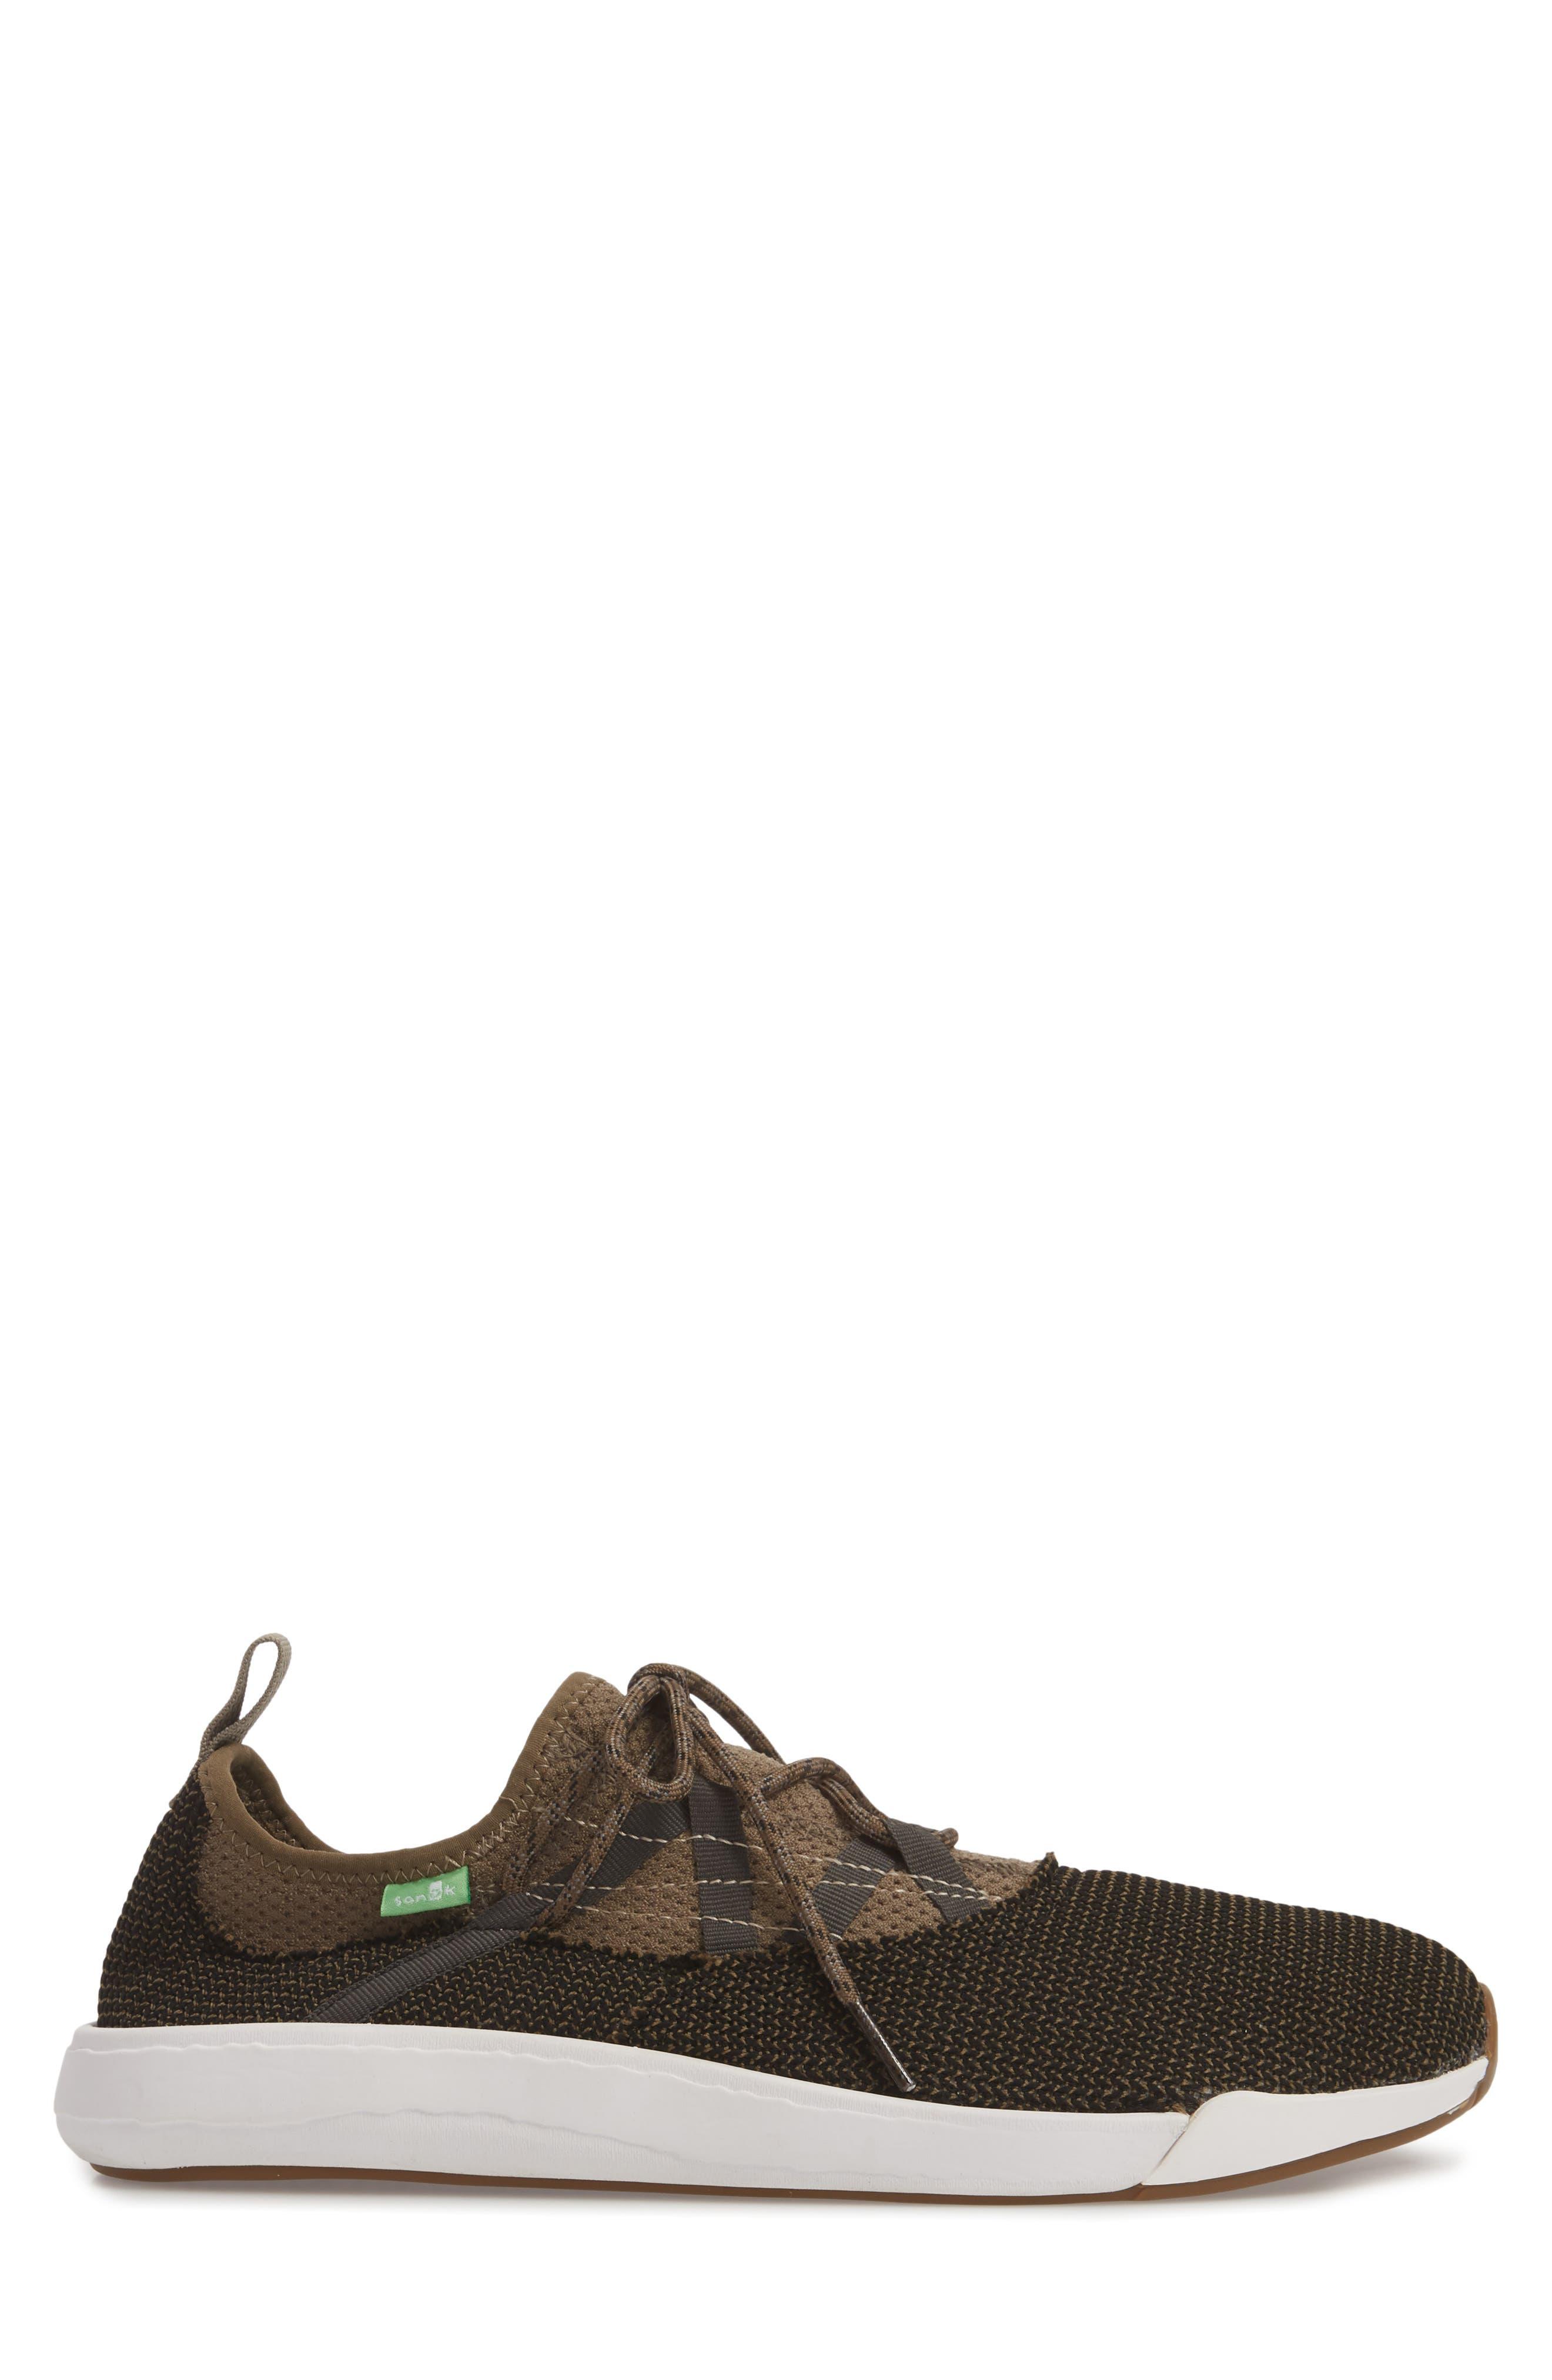 Chiba Quest Knit Sneaker,                             Alternate thumbnail 5, color,                             Brindle/ Black